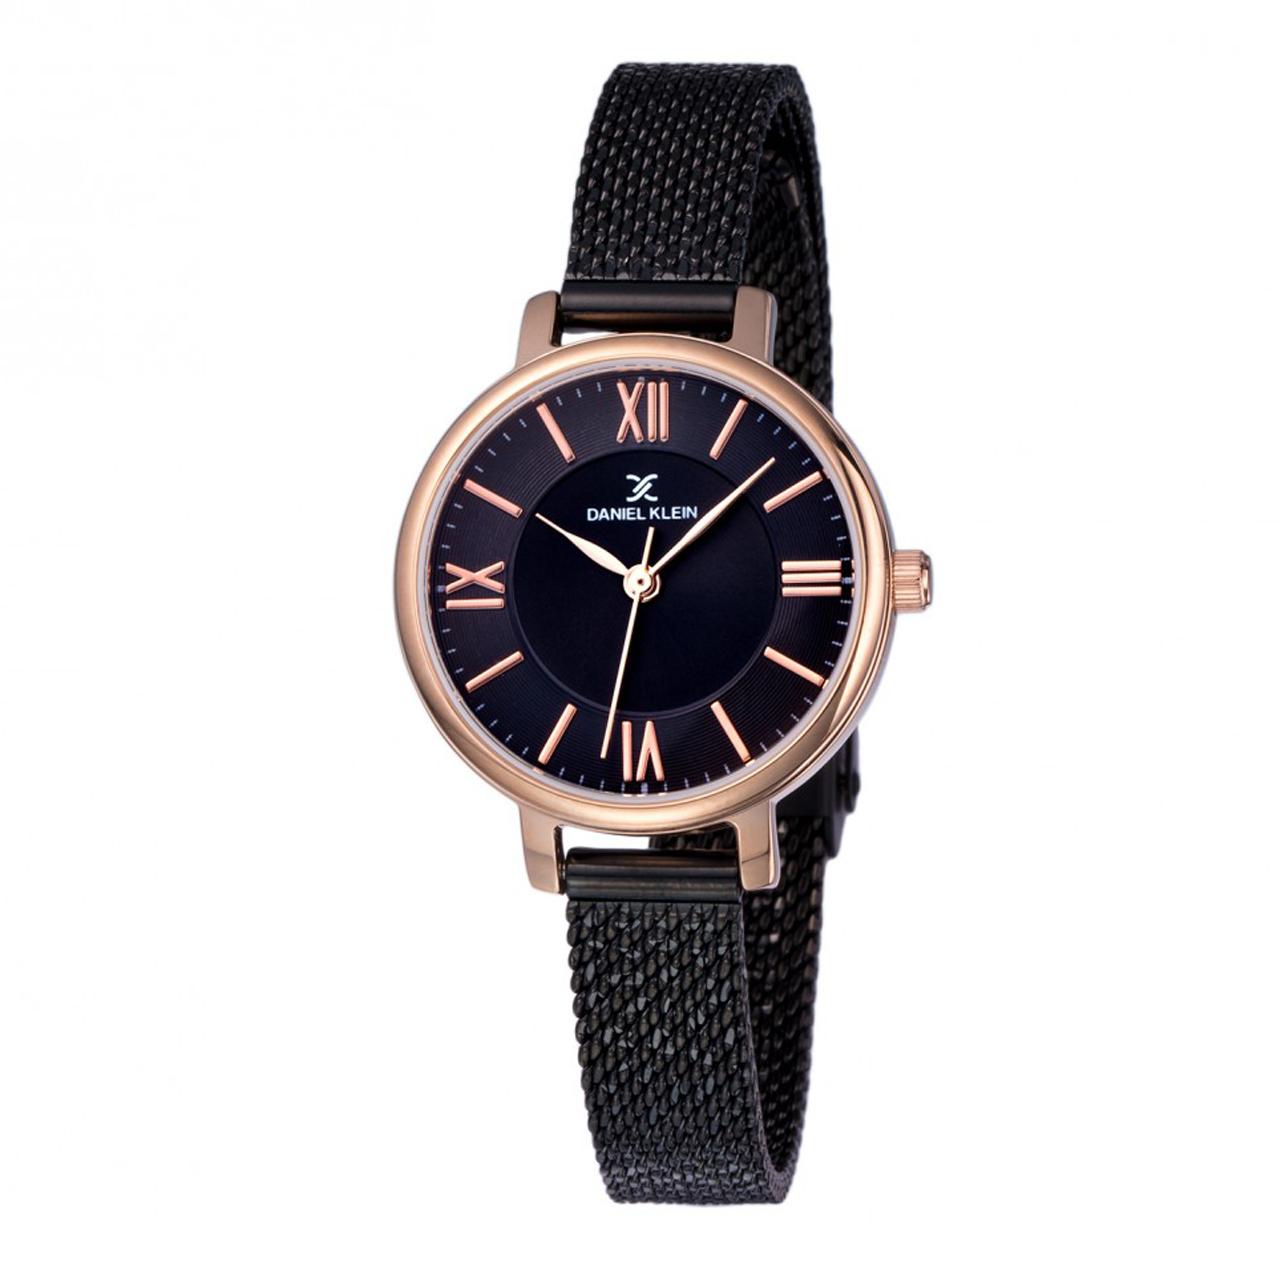 ساعت مچی عقربه ای زنانه دنیل کلین مدل DK11897-6 به همراه دستمال مخصوص برند کلین واچ 8